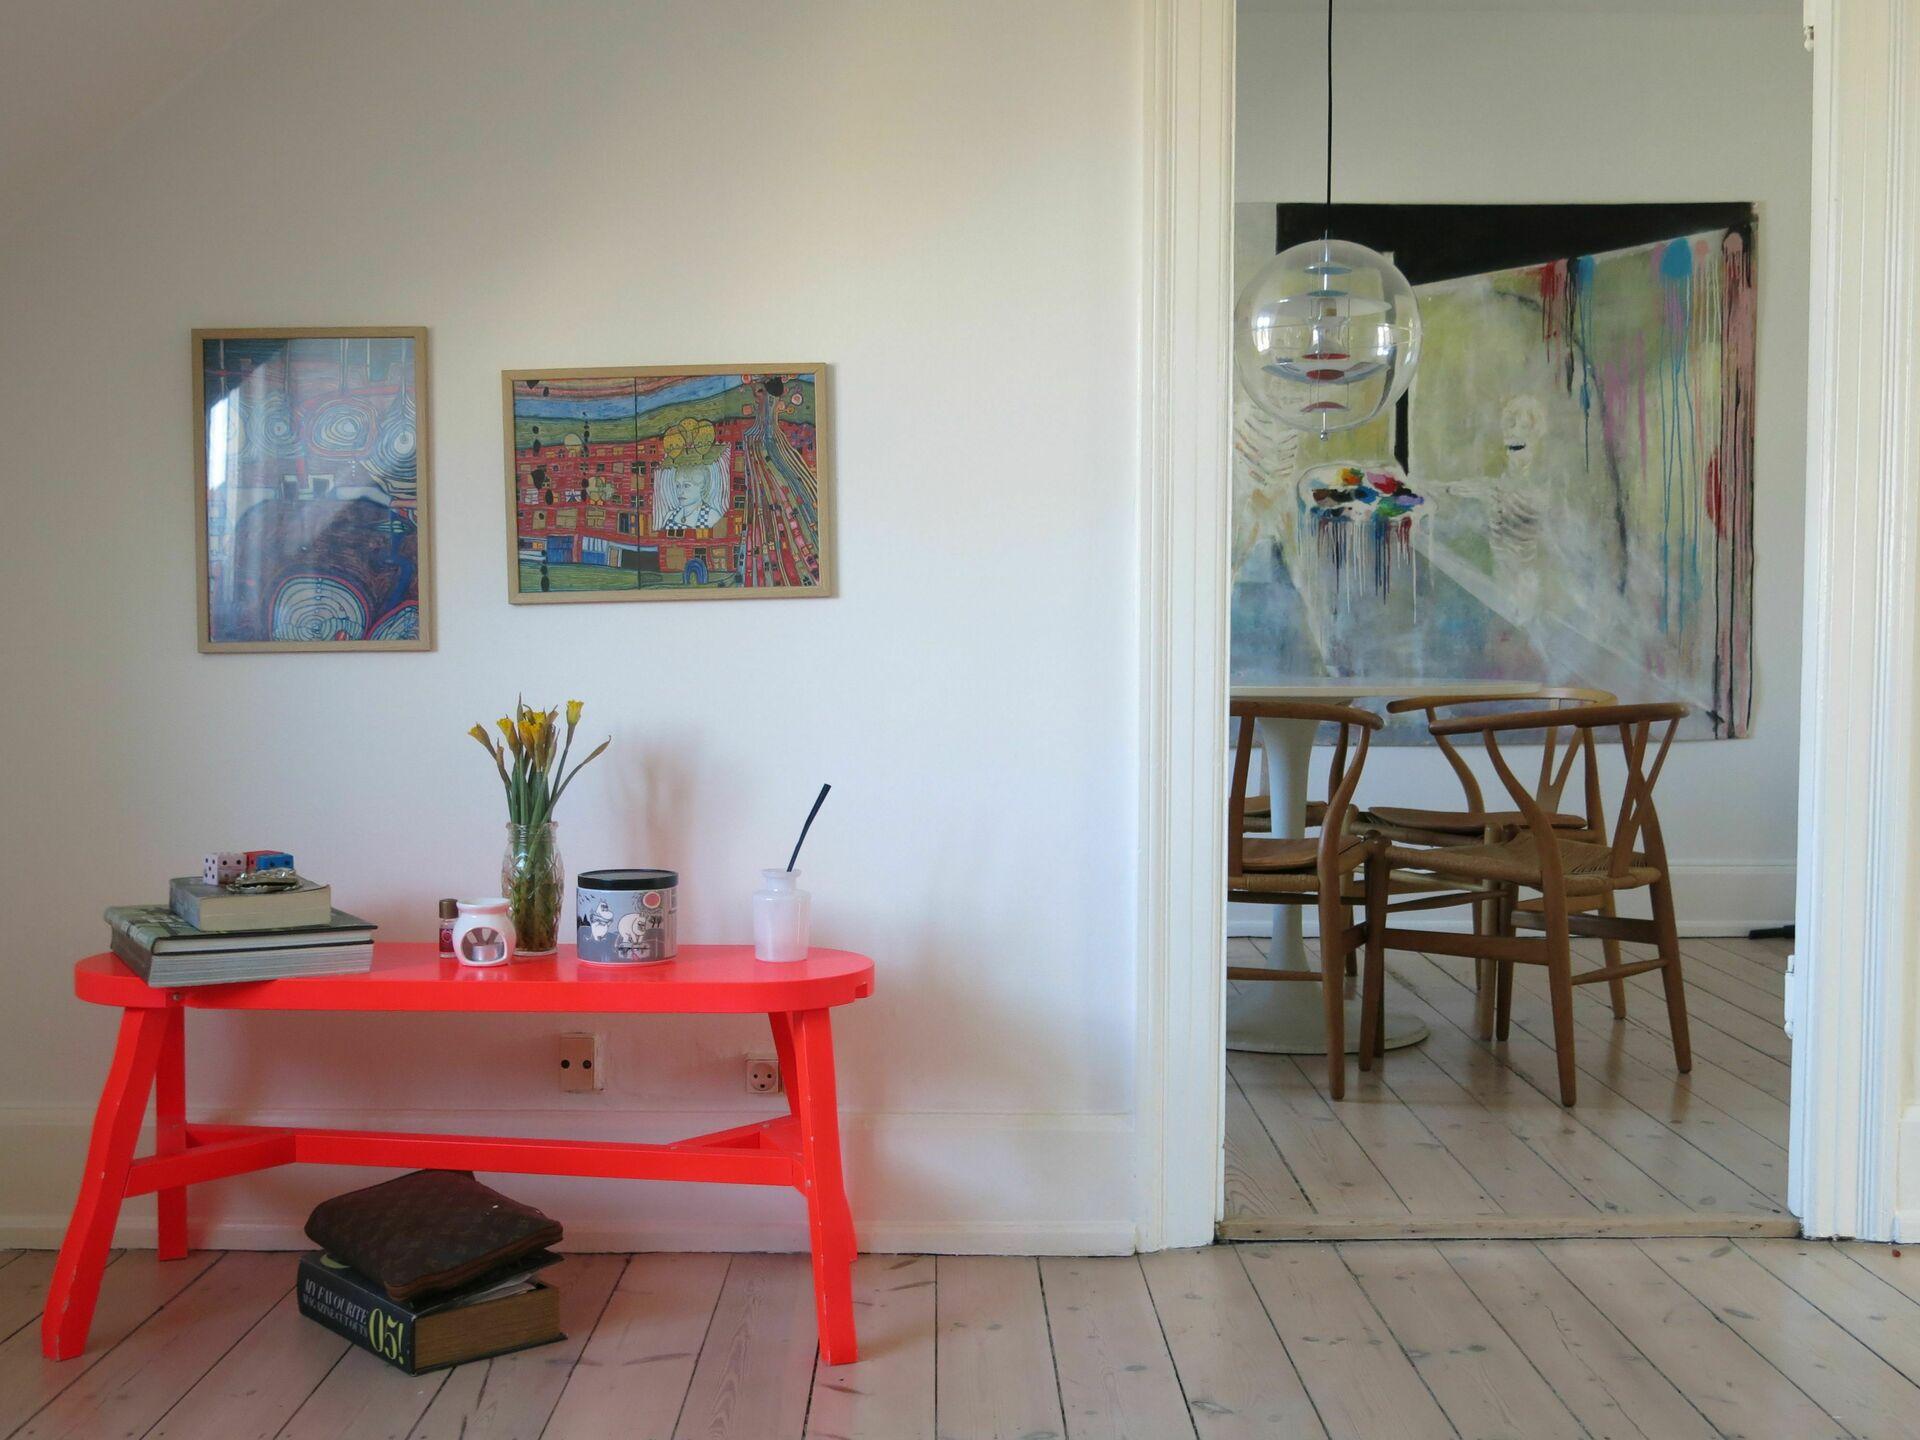 Kopenhagen Wohnung oehlenschlægersgade space for 2 wohnung in kopenhagen